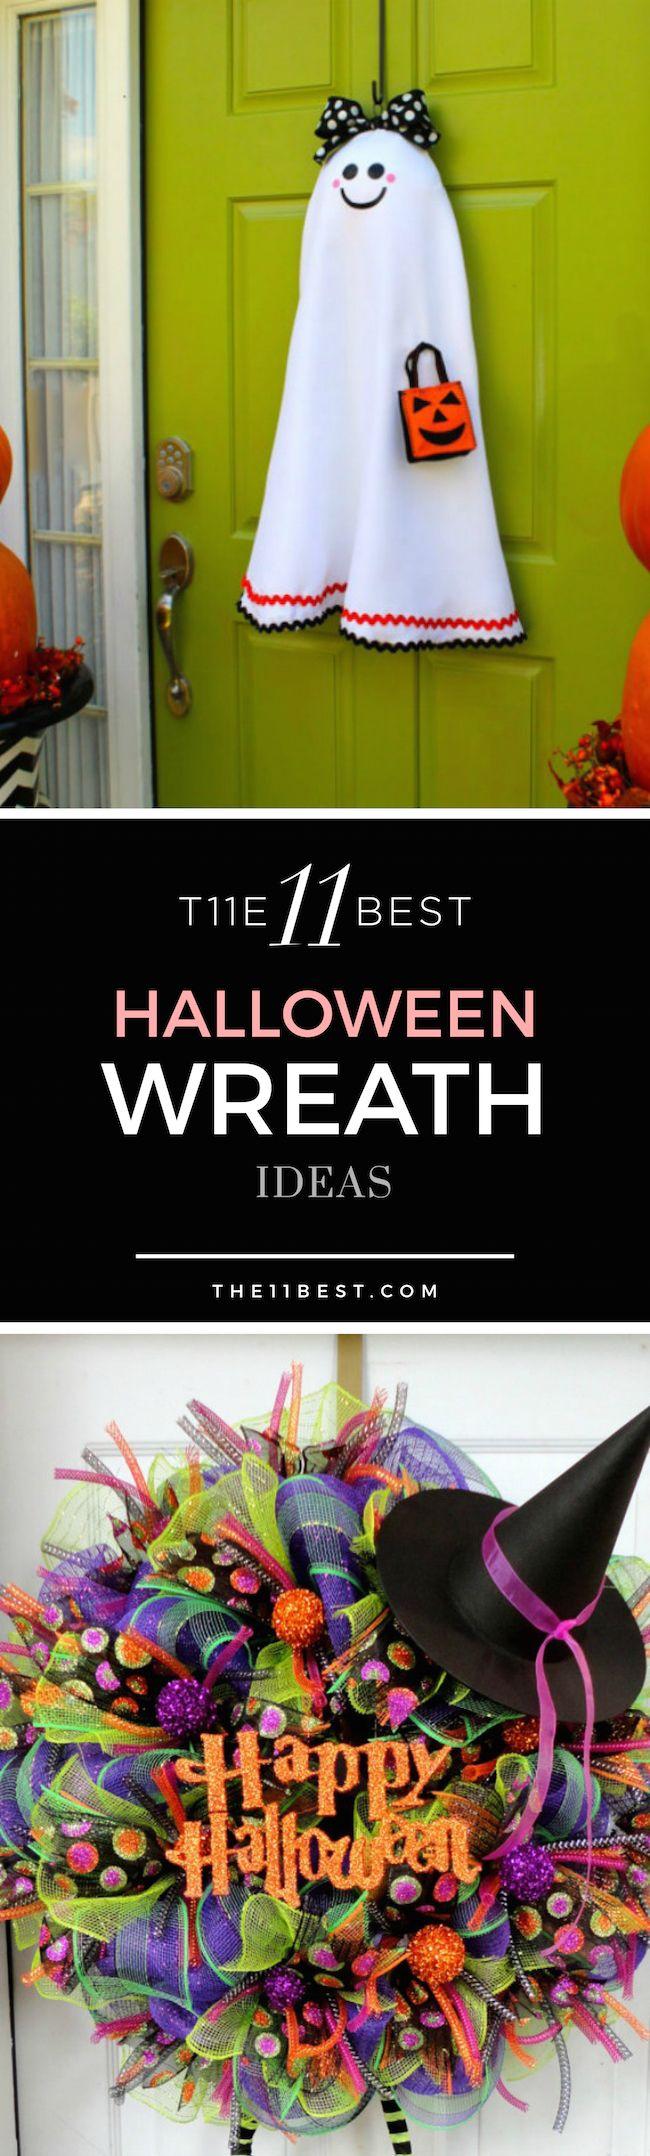 Halloween wreath ideas                                                       …